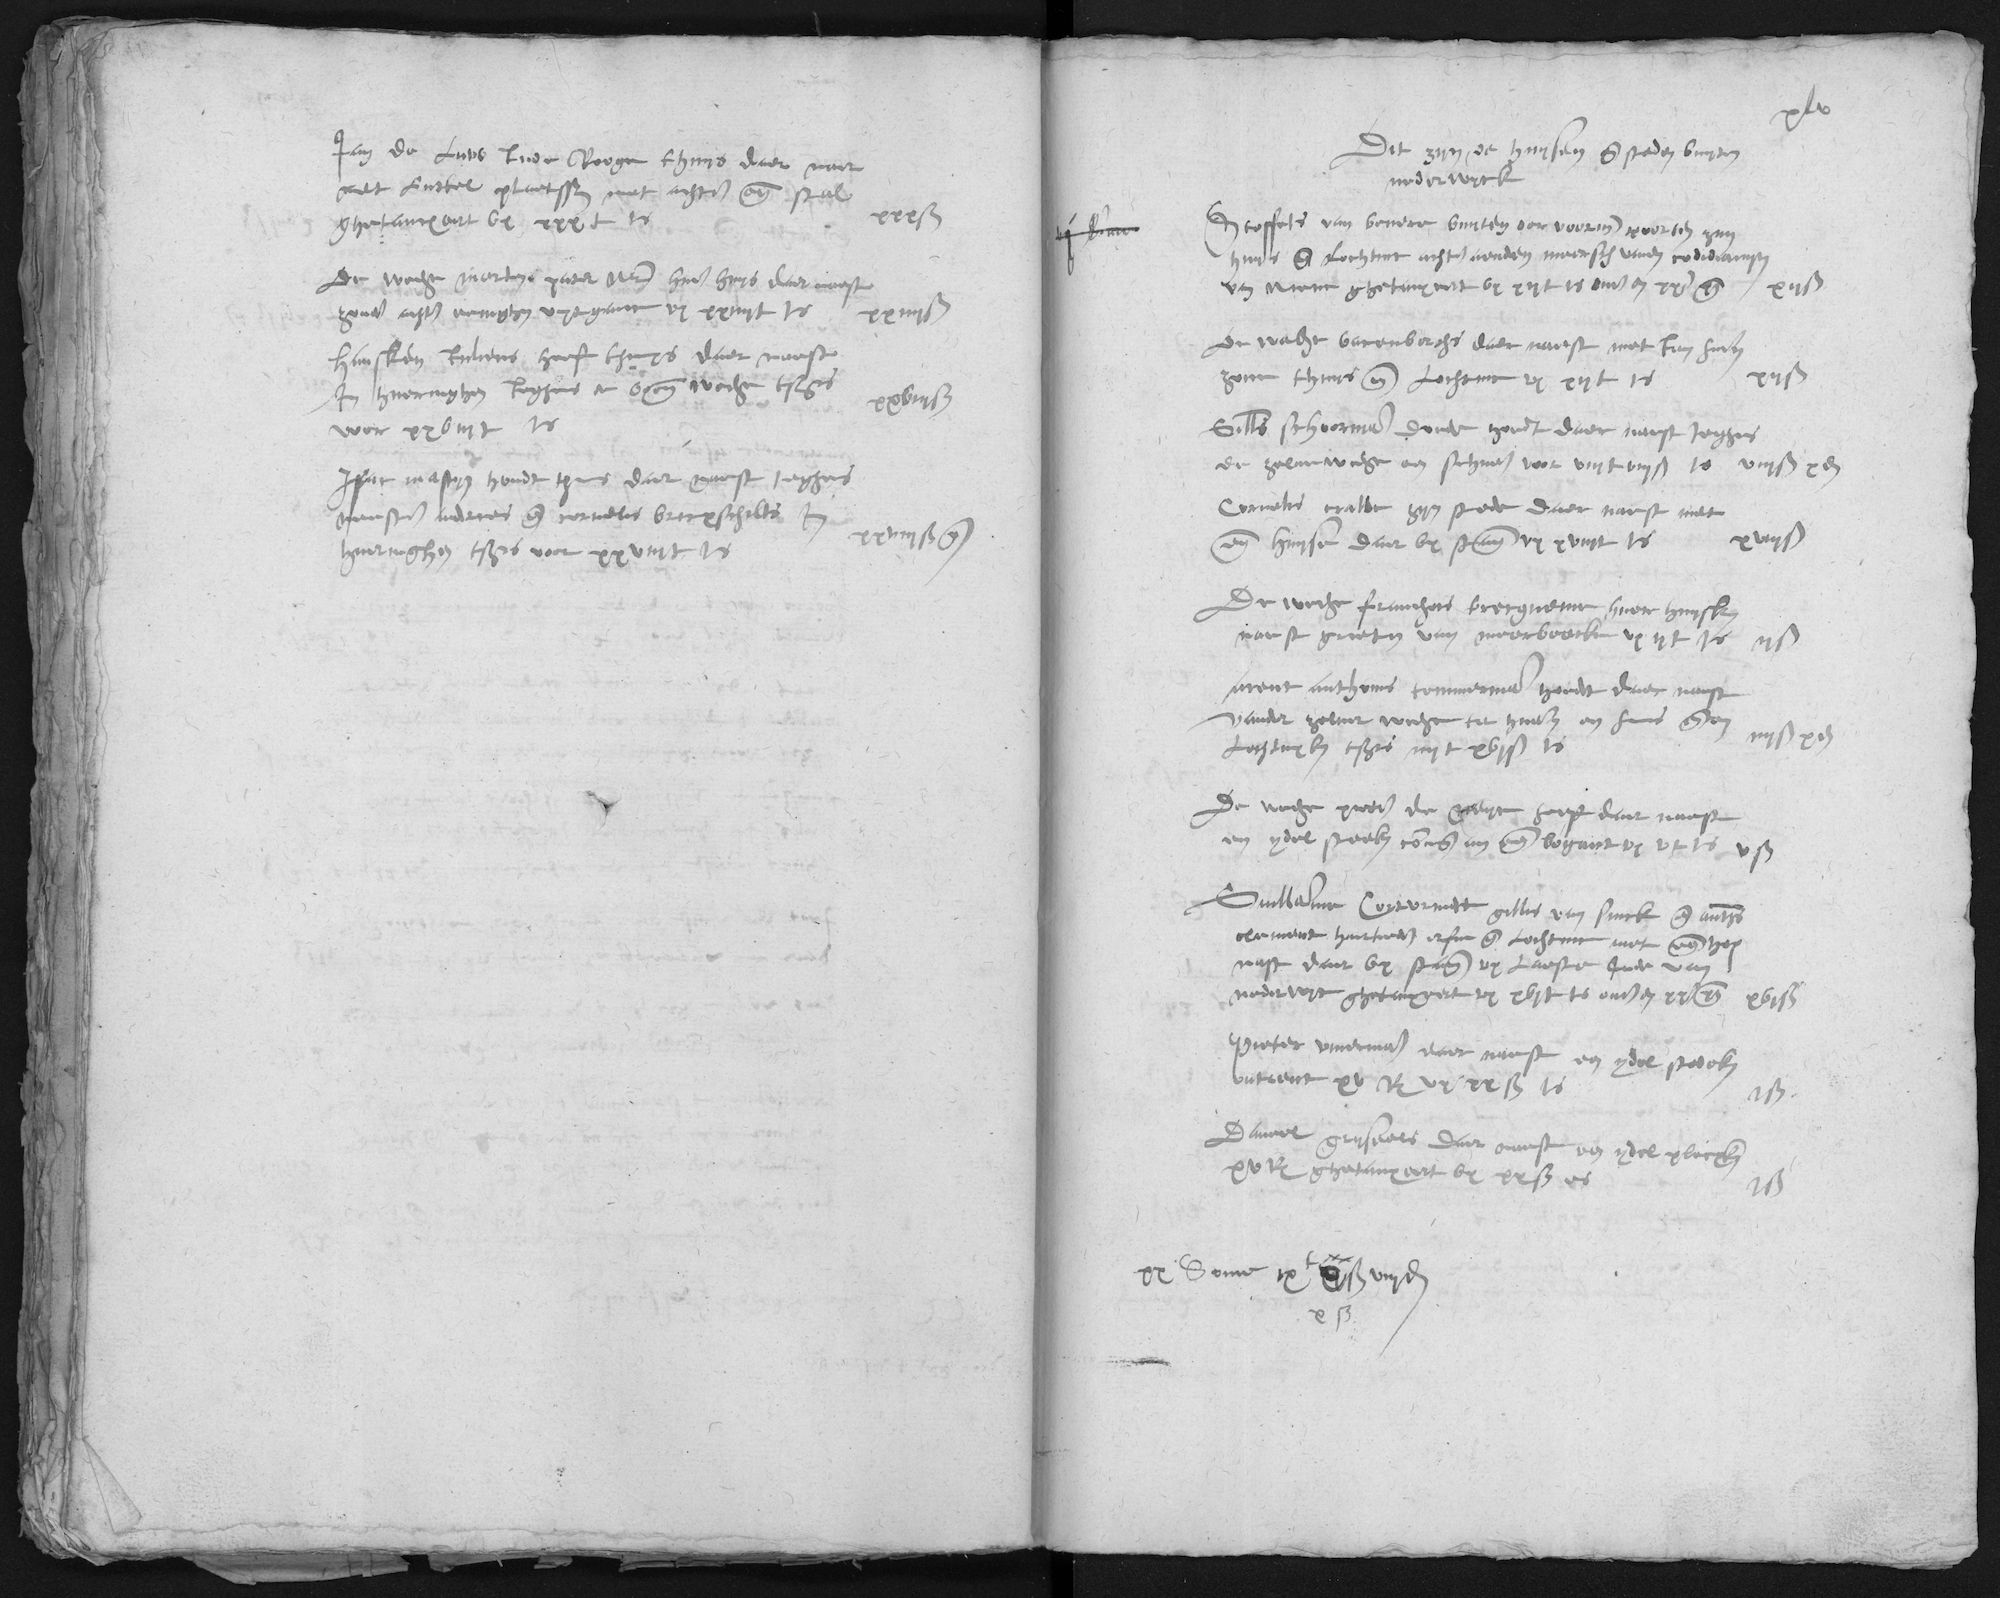 Penningkohier Ninove, 1572